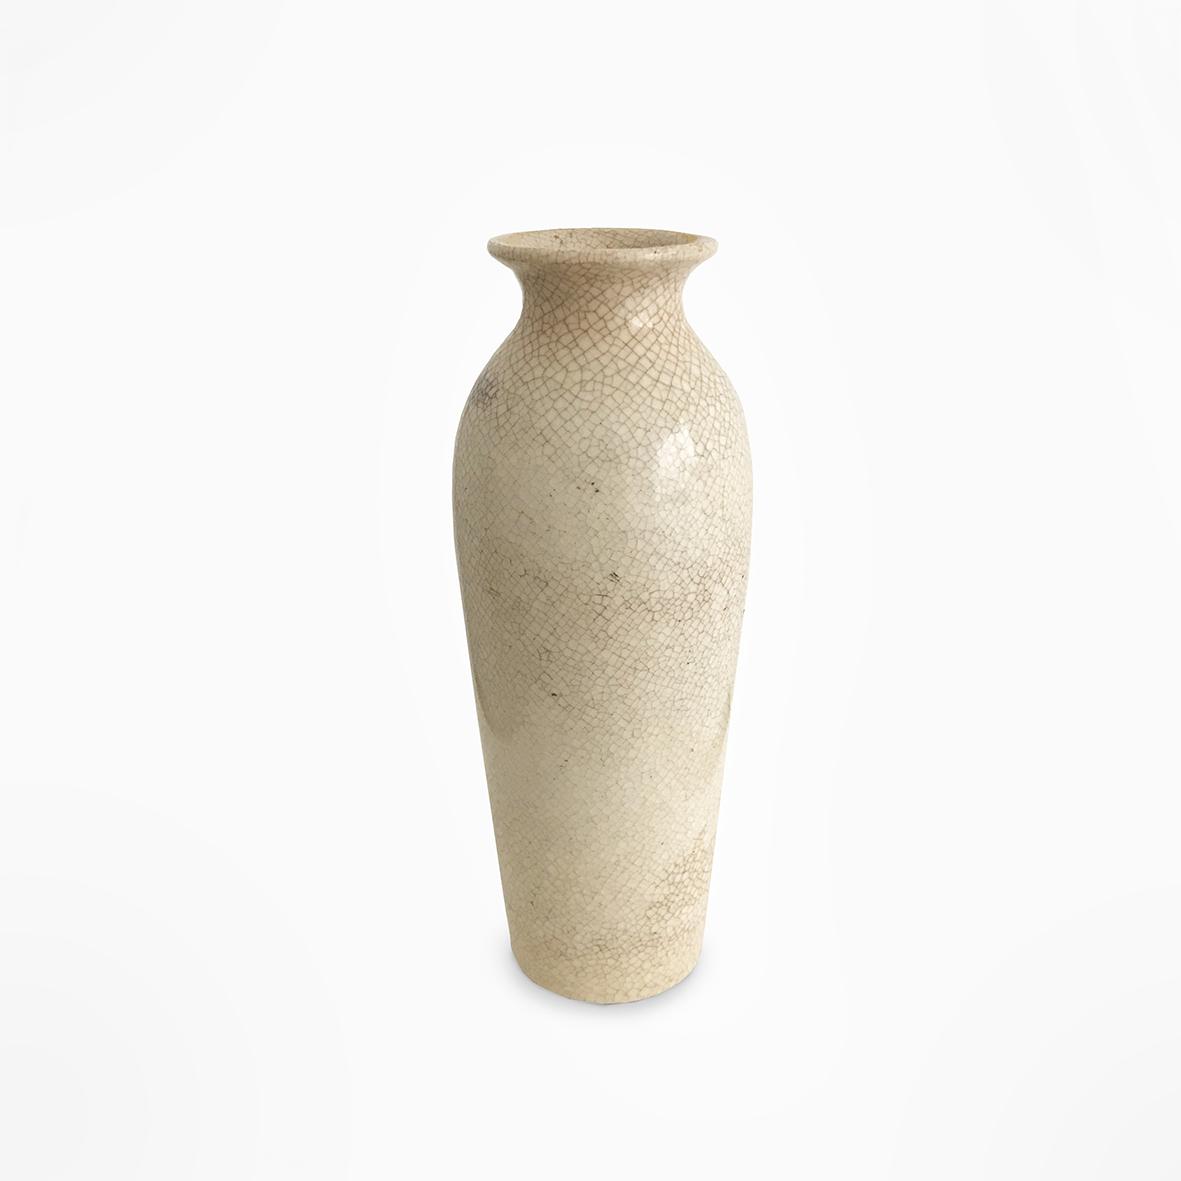 Cracqueled vase | ceramic | China | Ming Dynasty | basedonart gallery